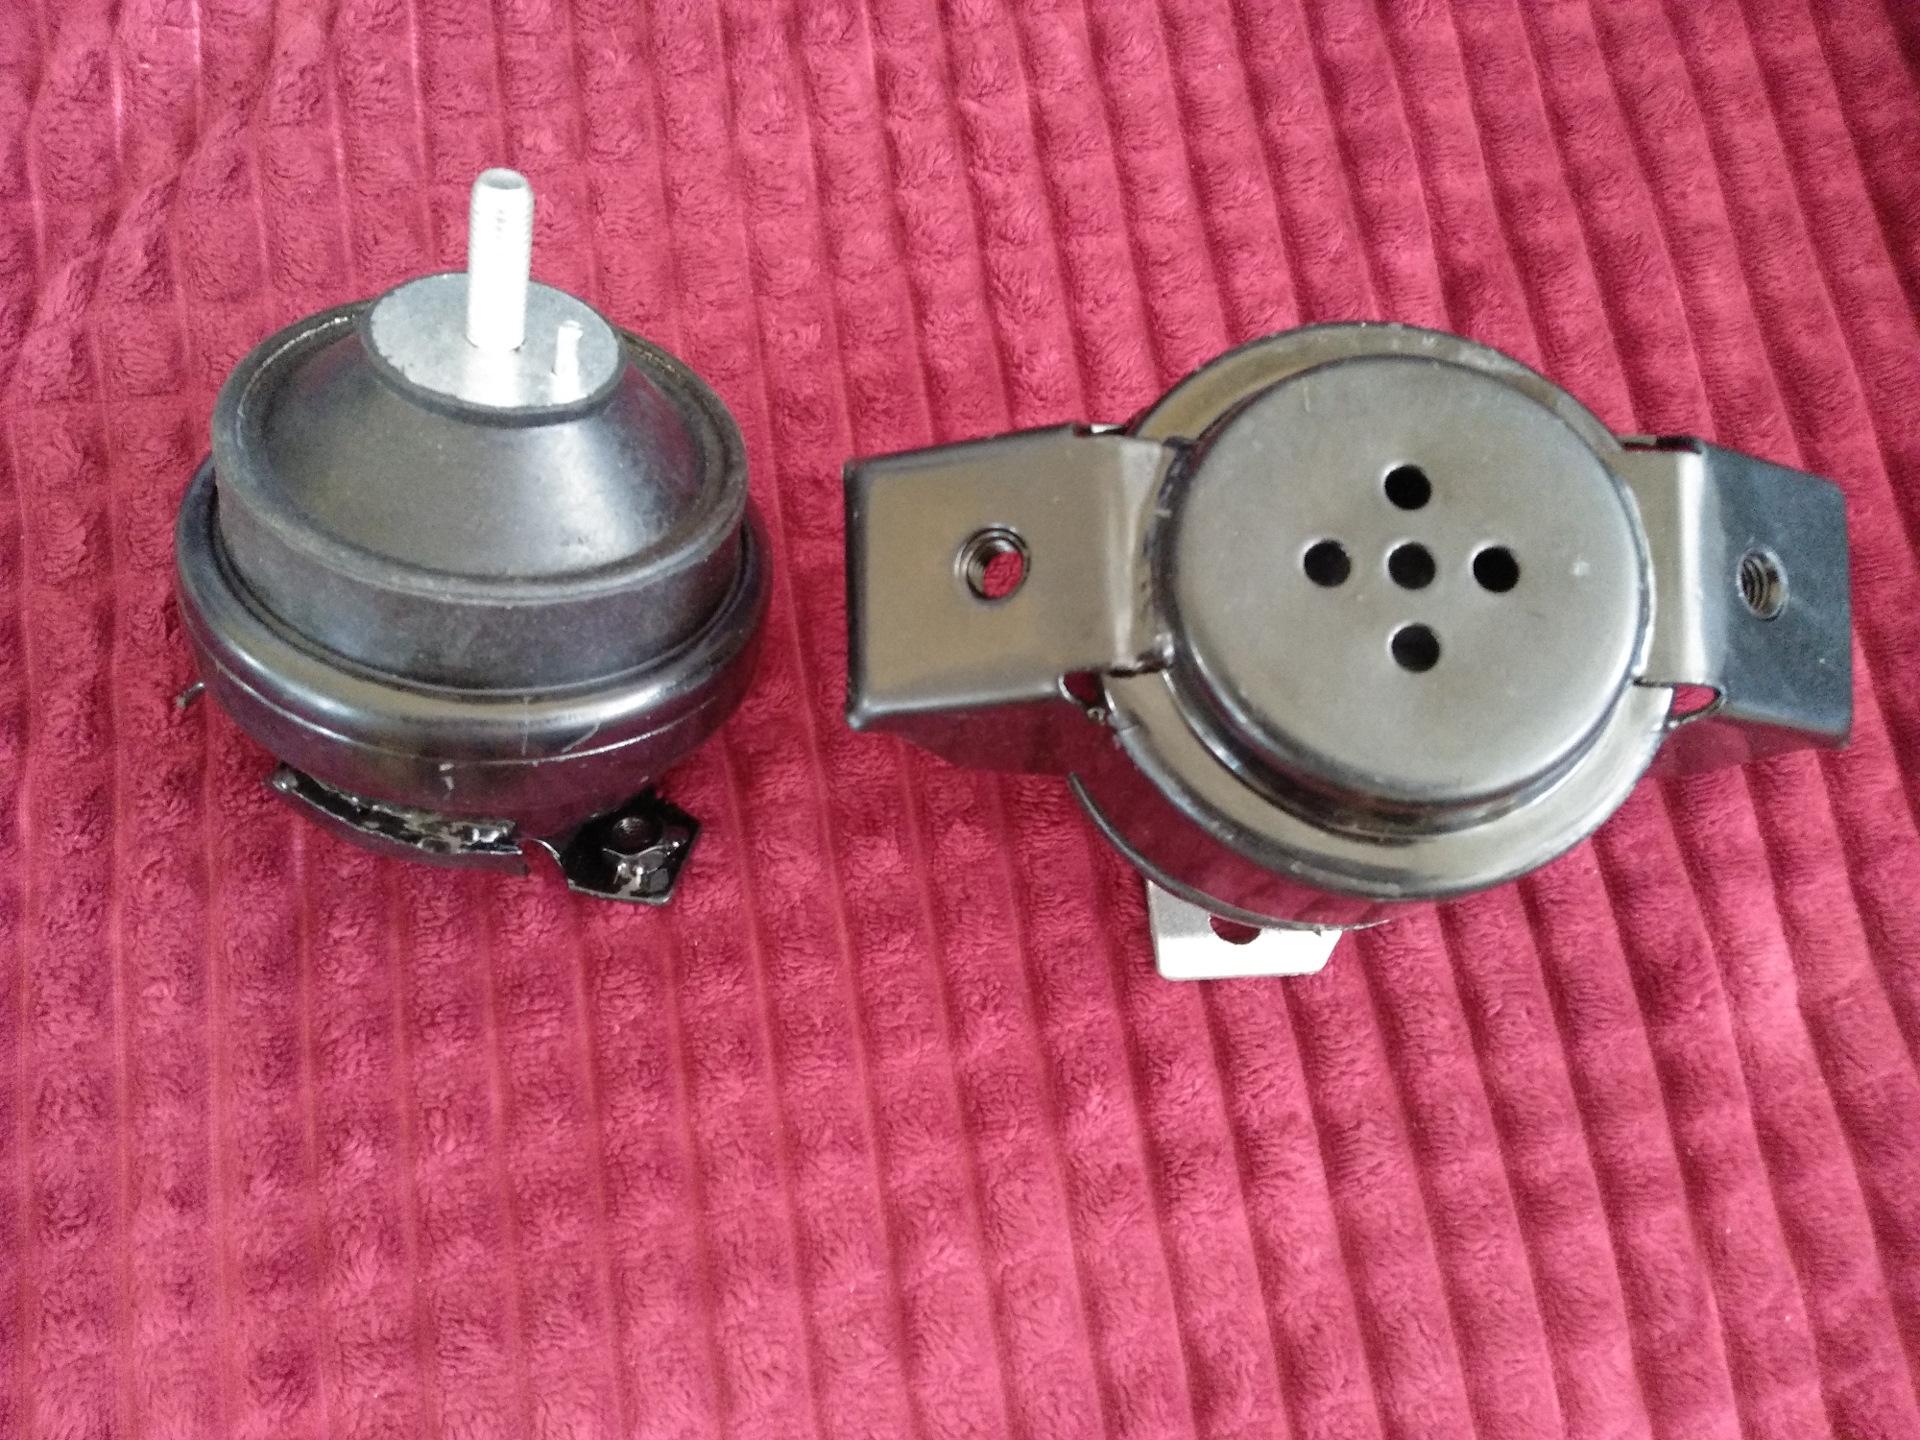 Как заменить опору двигателя на амулет какой амулет нужно от сглаза